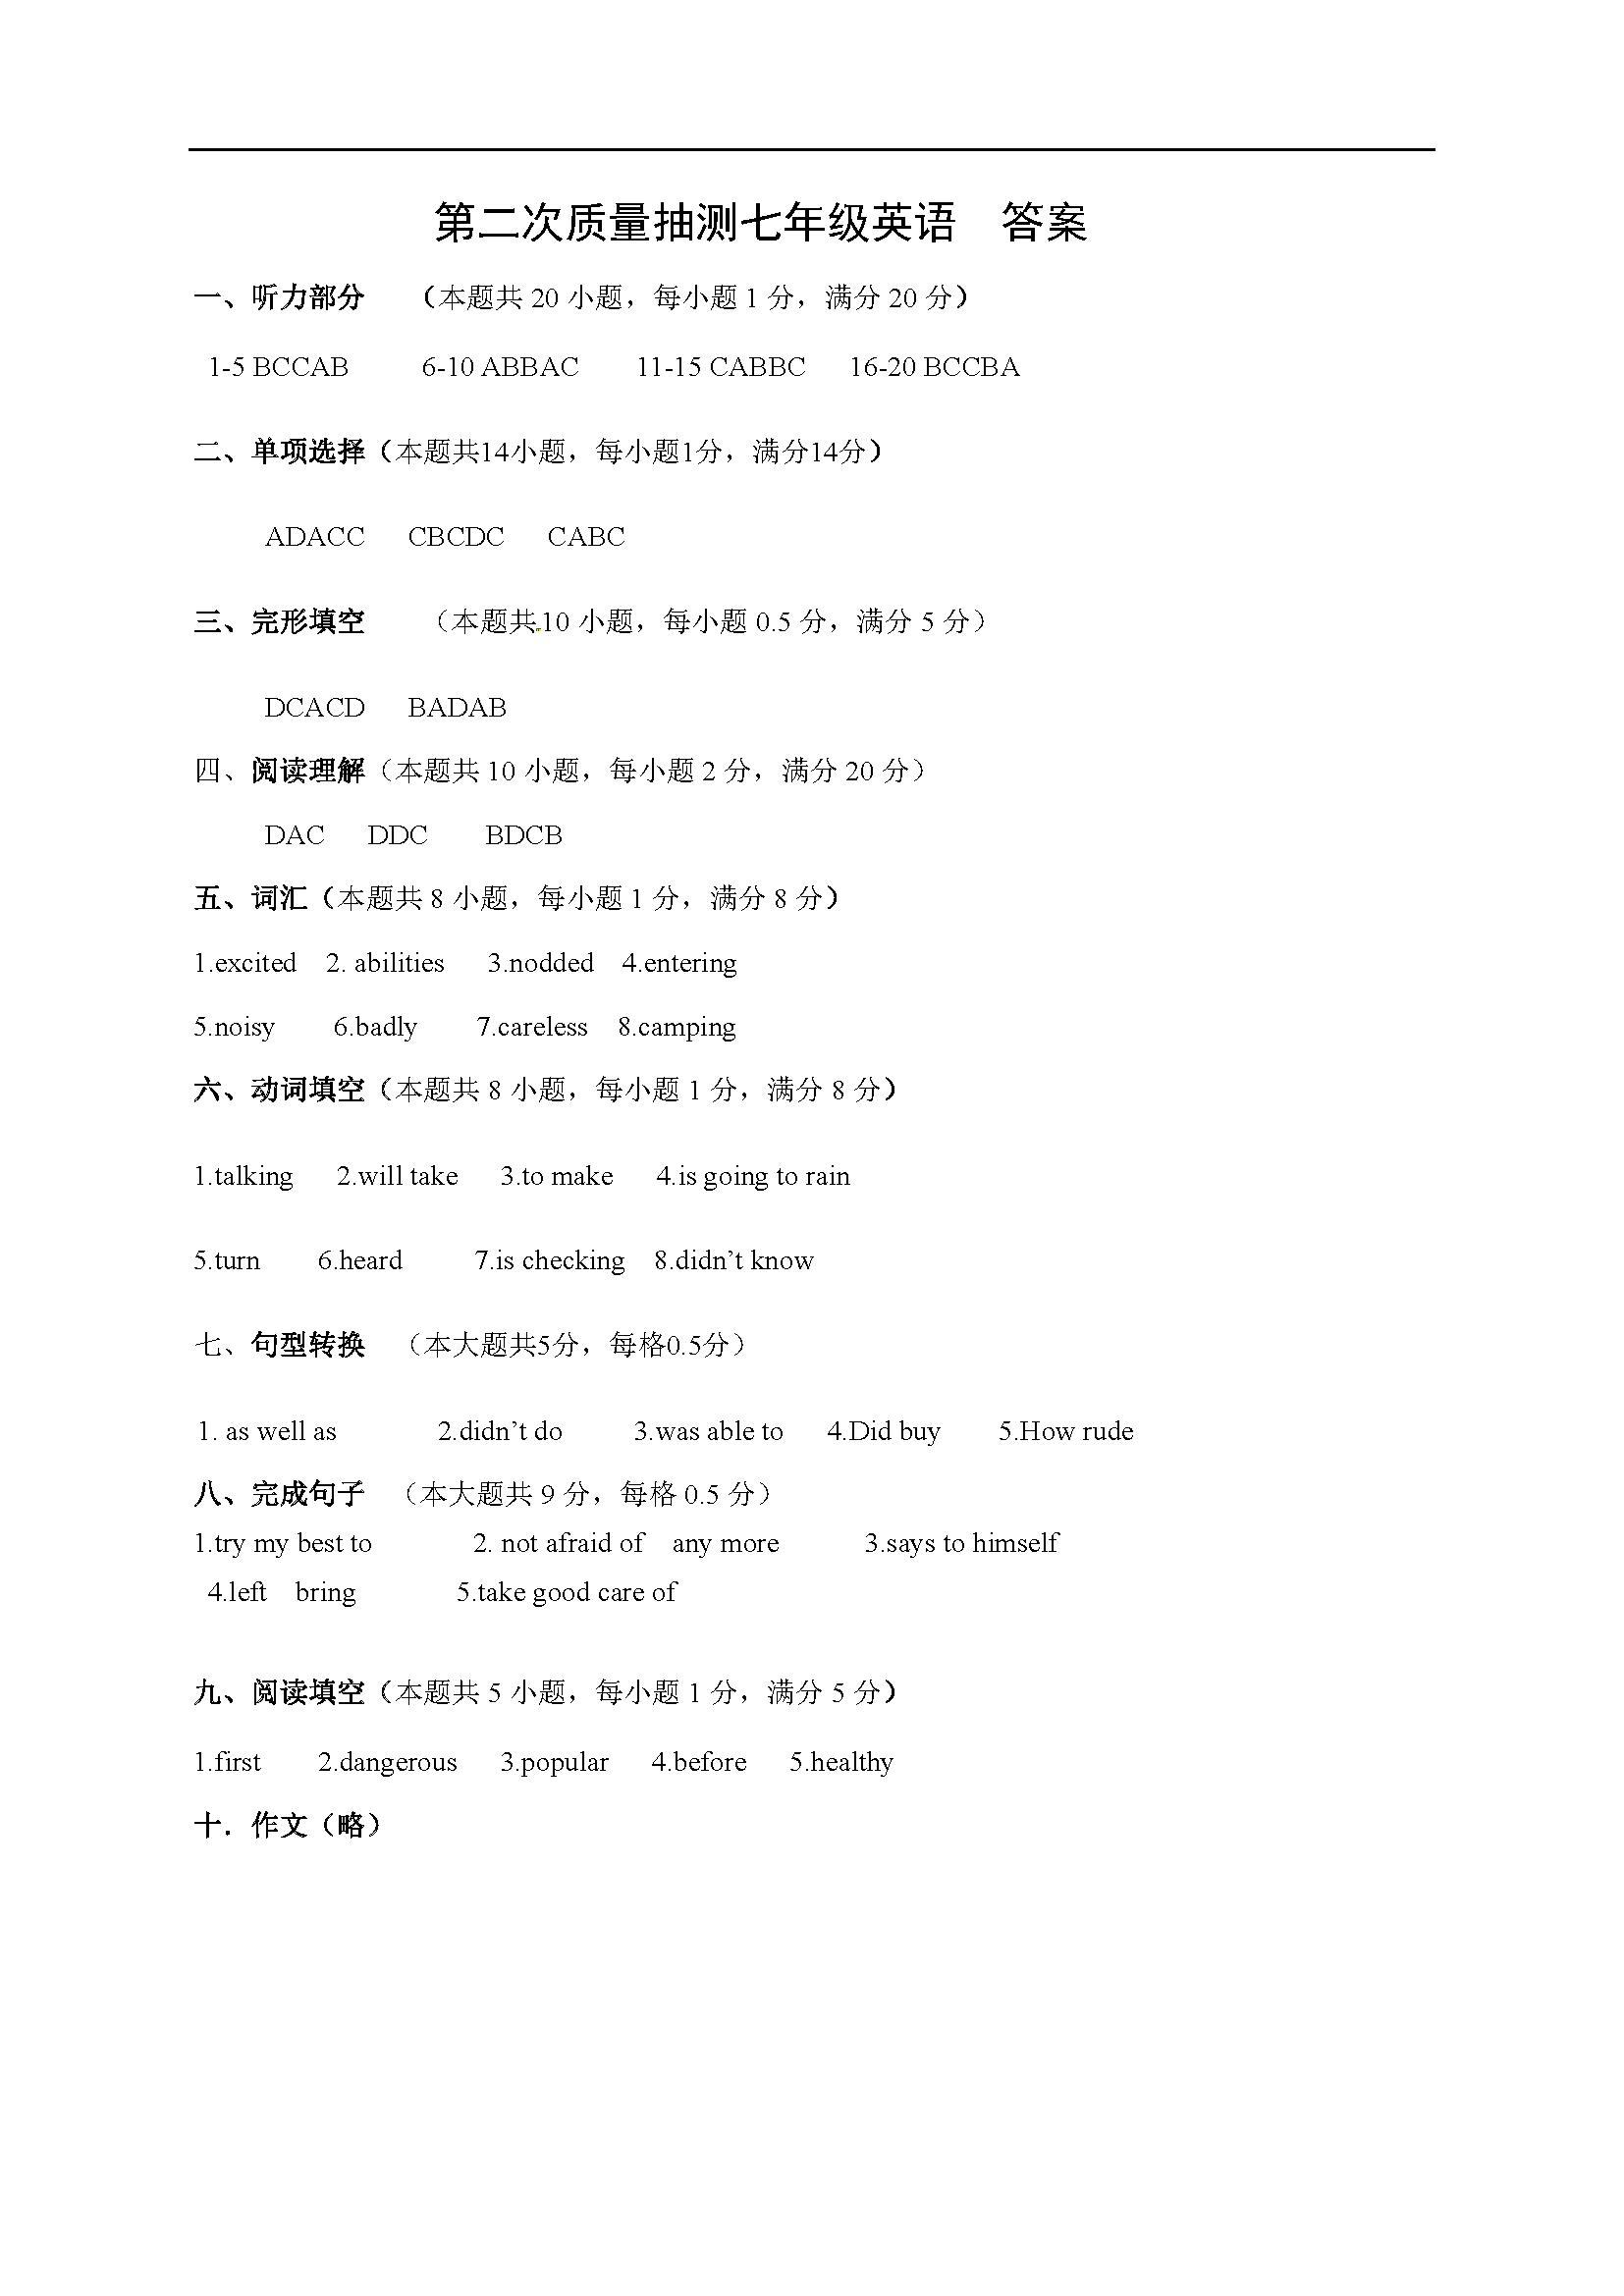 江苏无锡渎边五校2017年七年级下第二次阶段性测试英语试题答案(图片版)